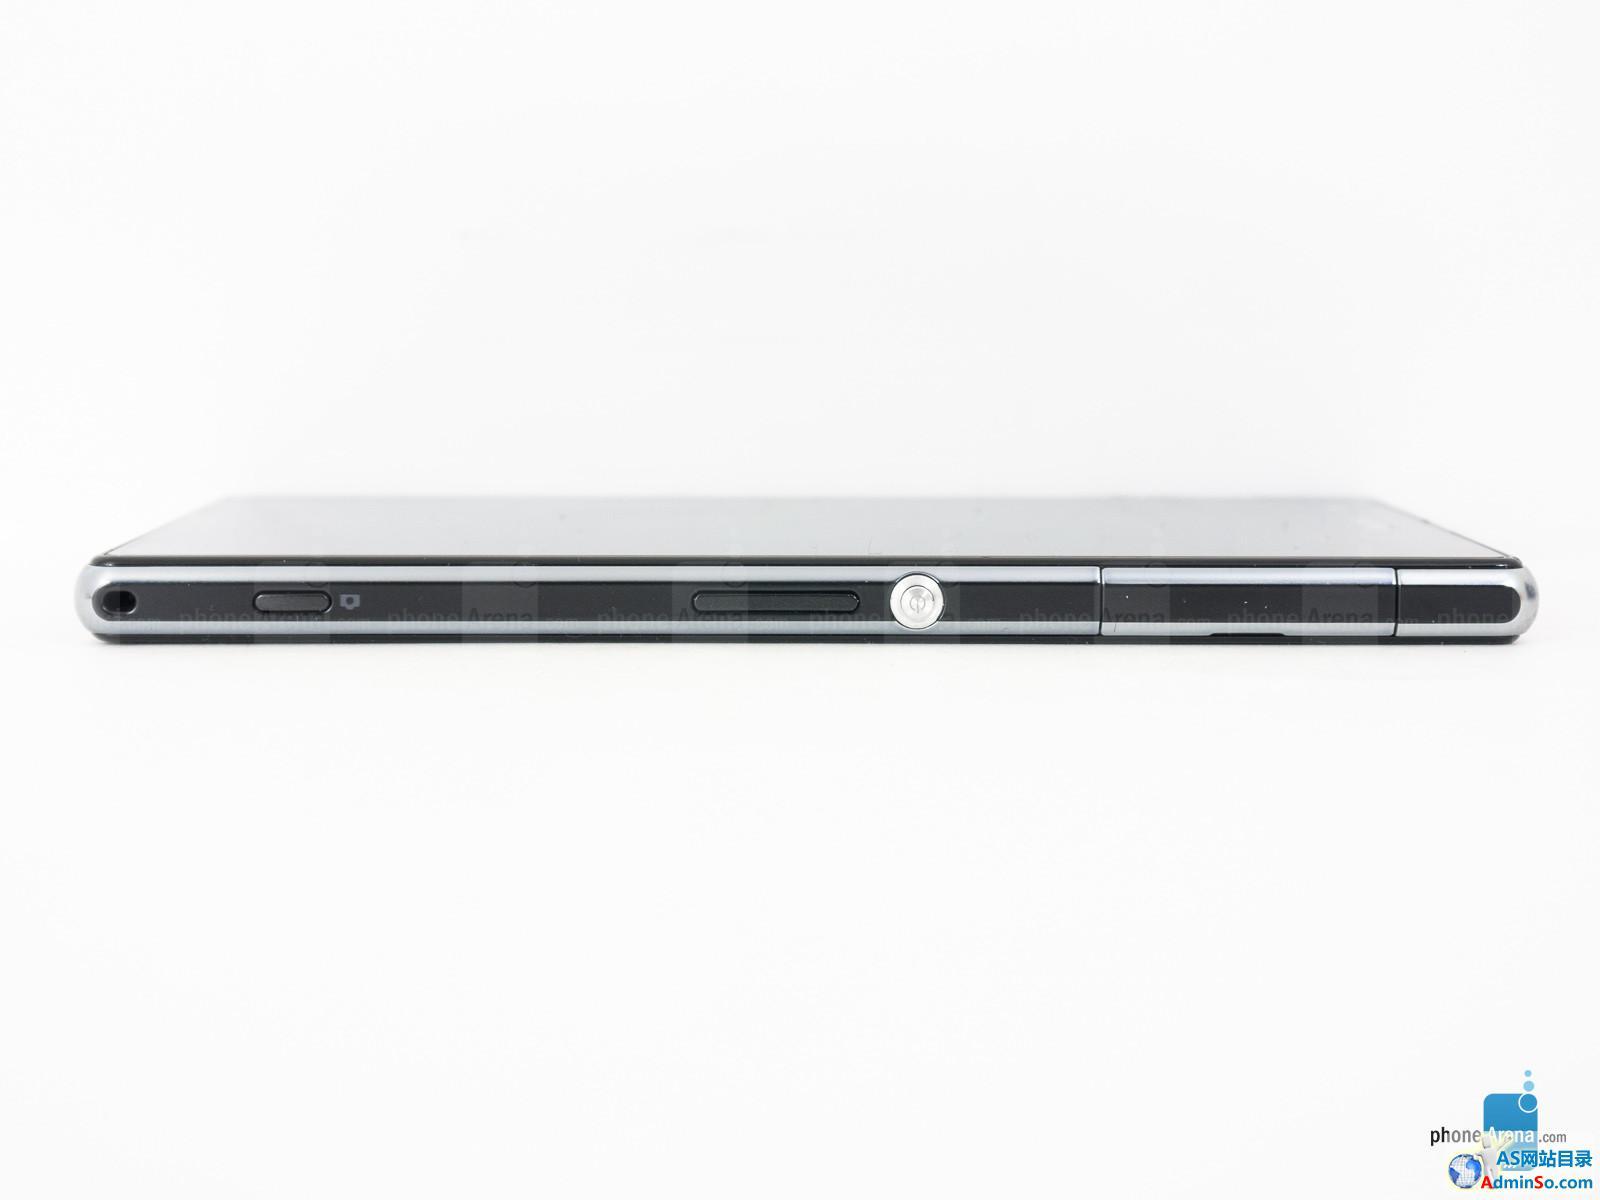 5英寸三防新美机 索尼Xperia Z1S图赏